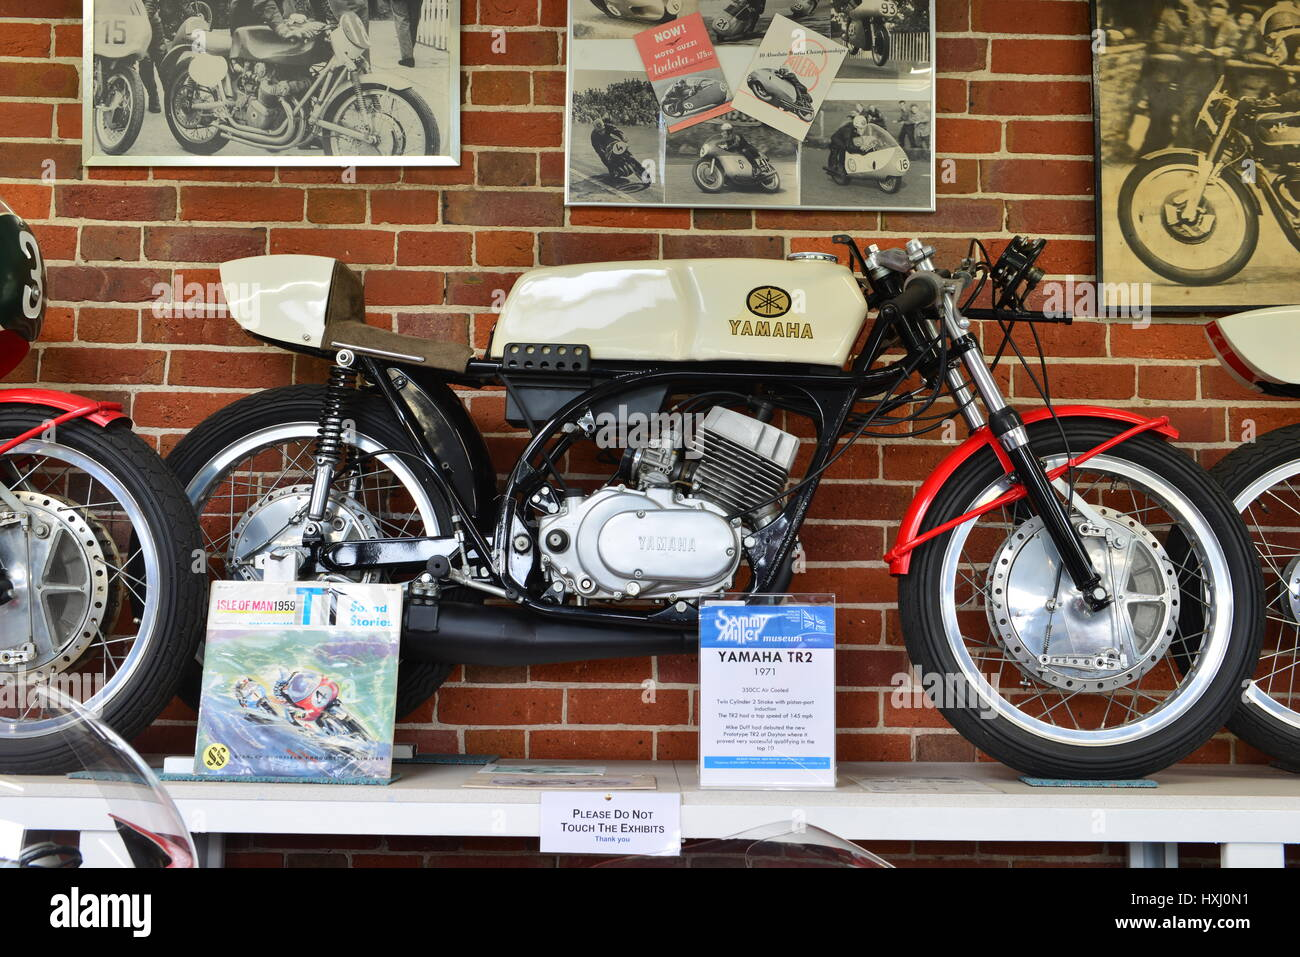 Yamaha 2 Stroke Engine Stock Photos & Yamaha 2 Stroke Engine